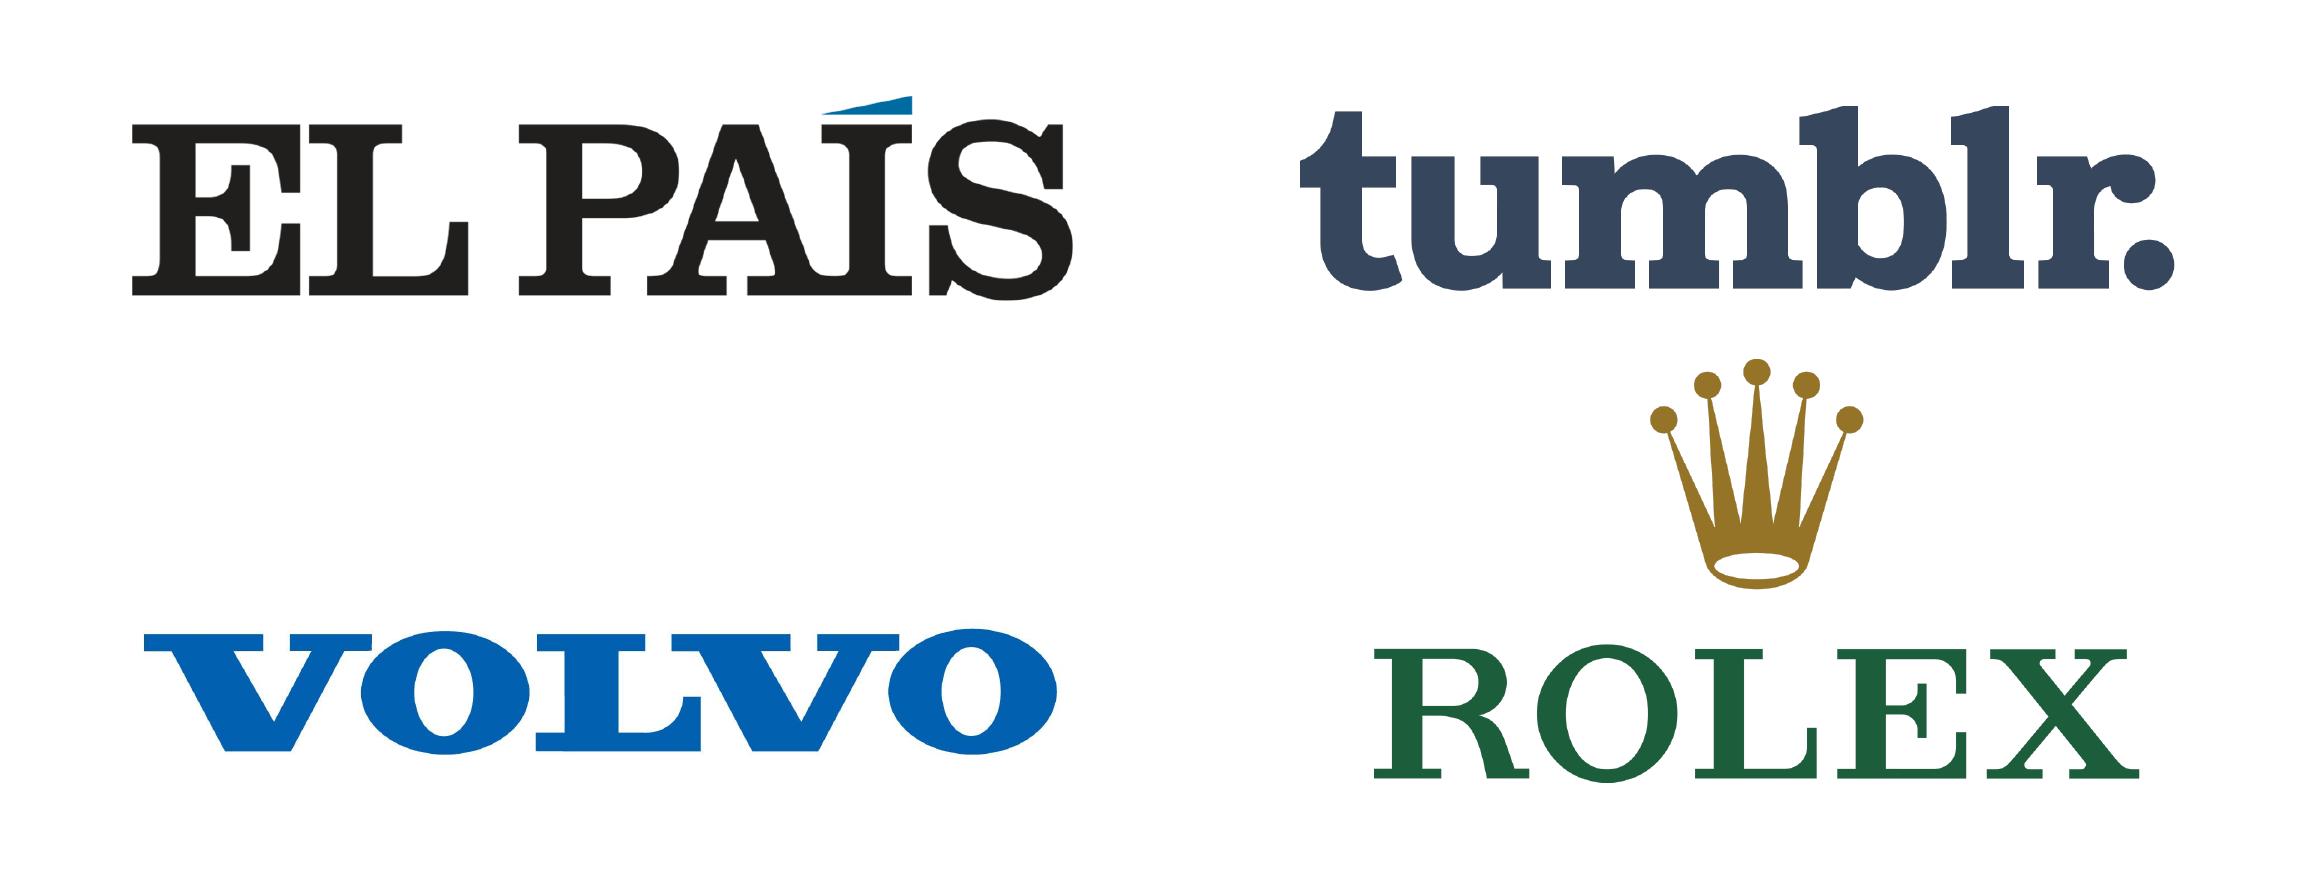 Serif-Logos-Tomas-Ubiera